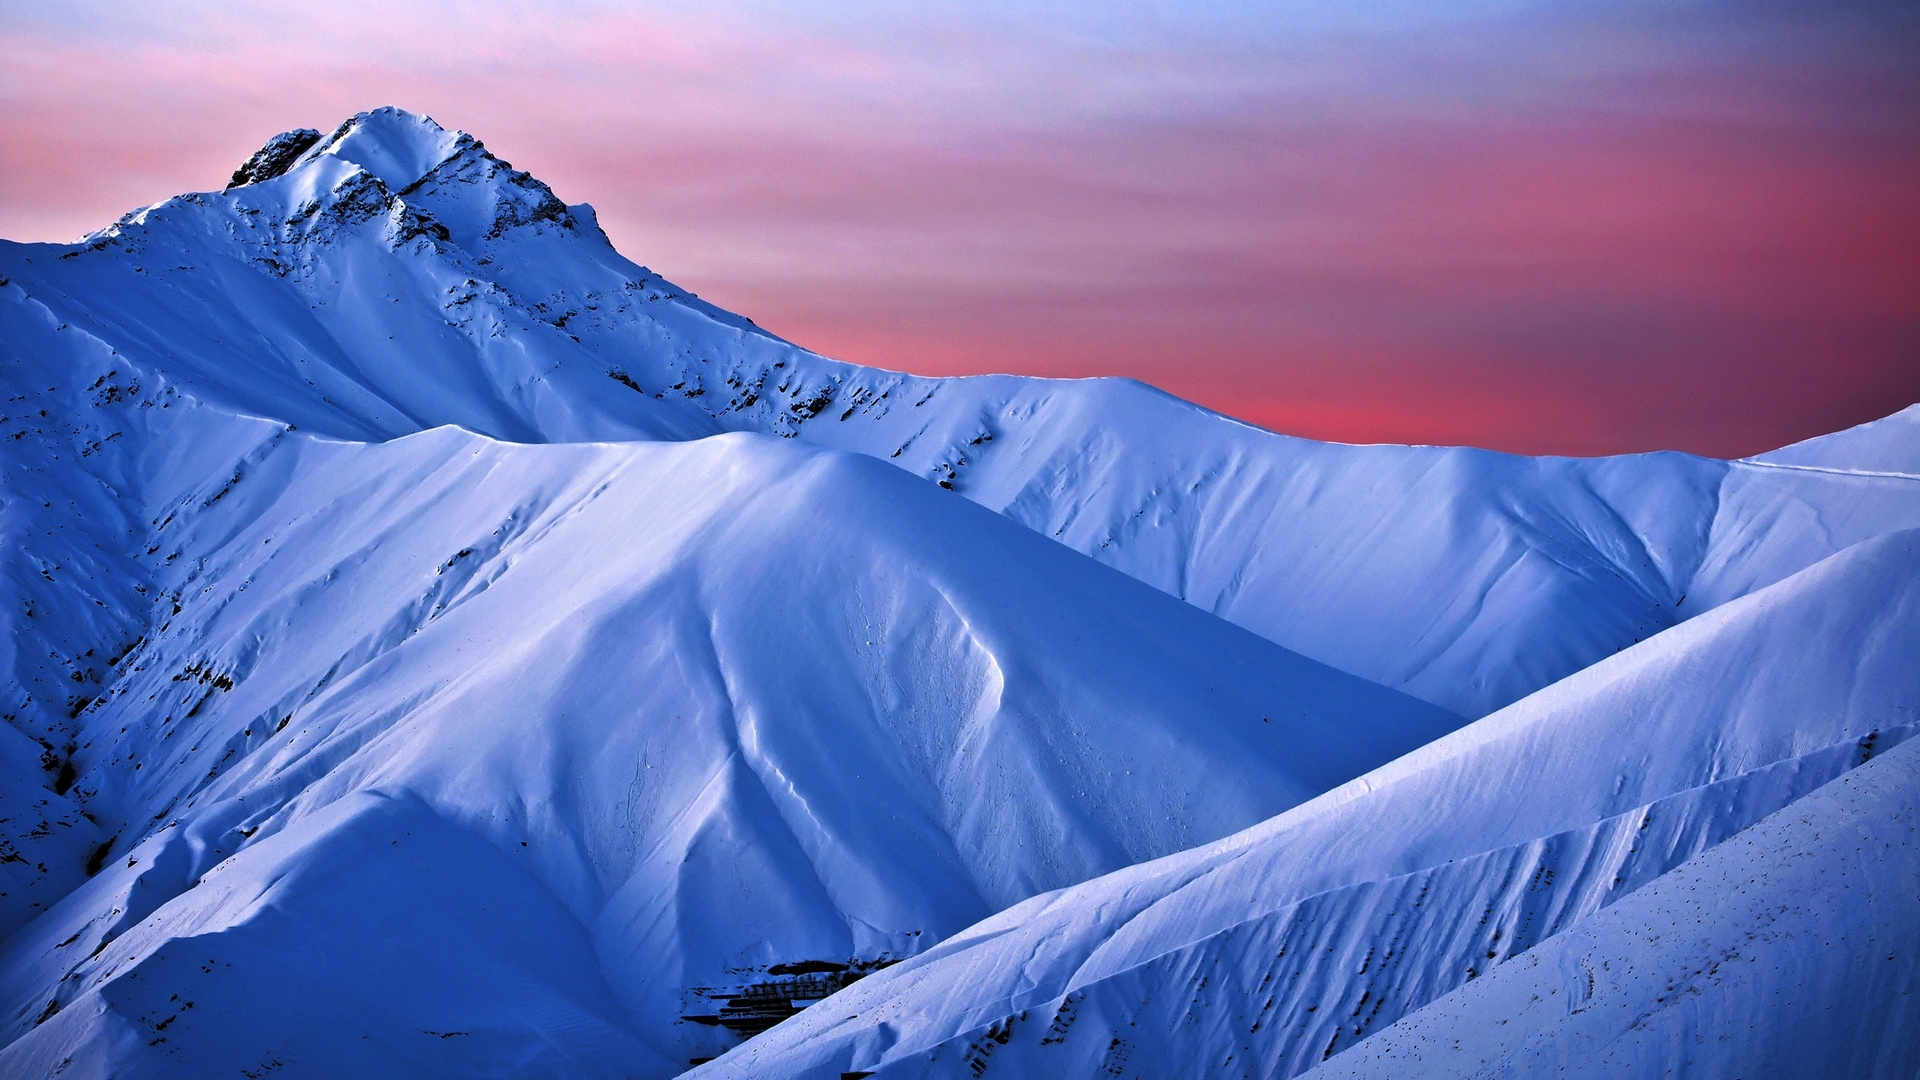 49357 скачать Синие обои на телефон бесплатно, Пейзаж, Природа, Горы, Снег Синие картинки и заставки на мобильный